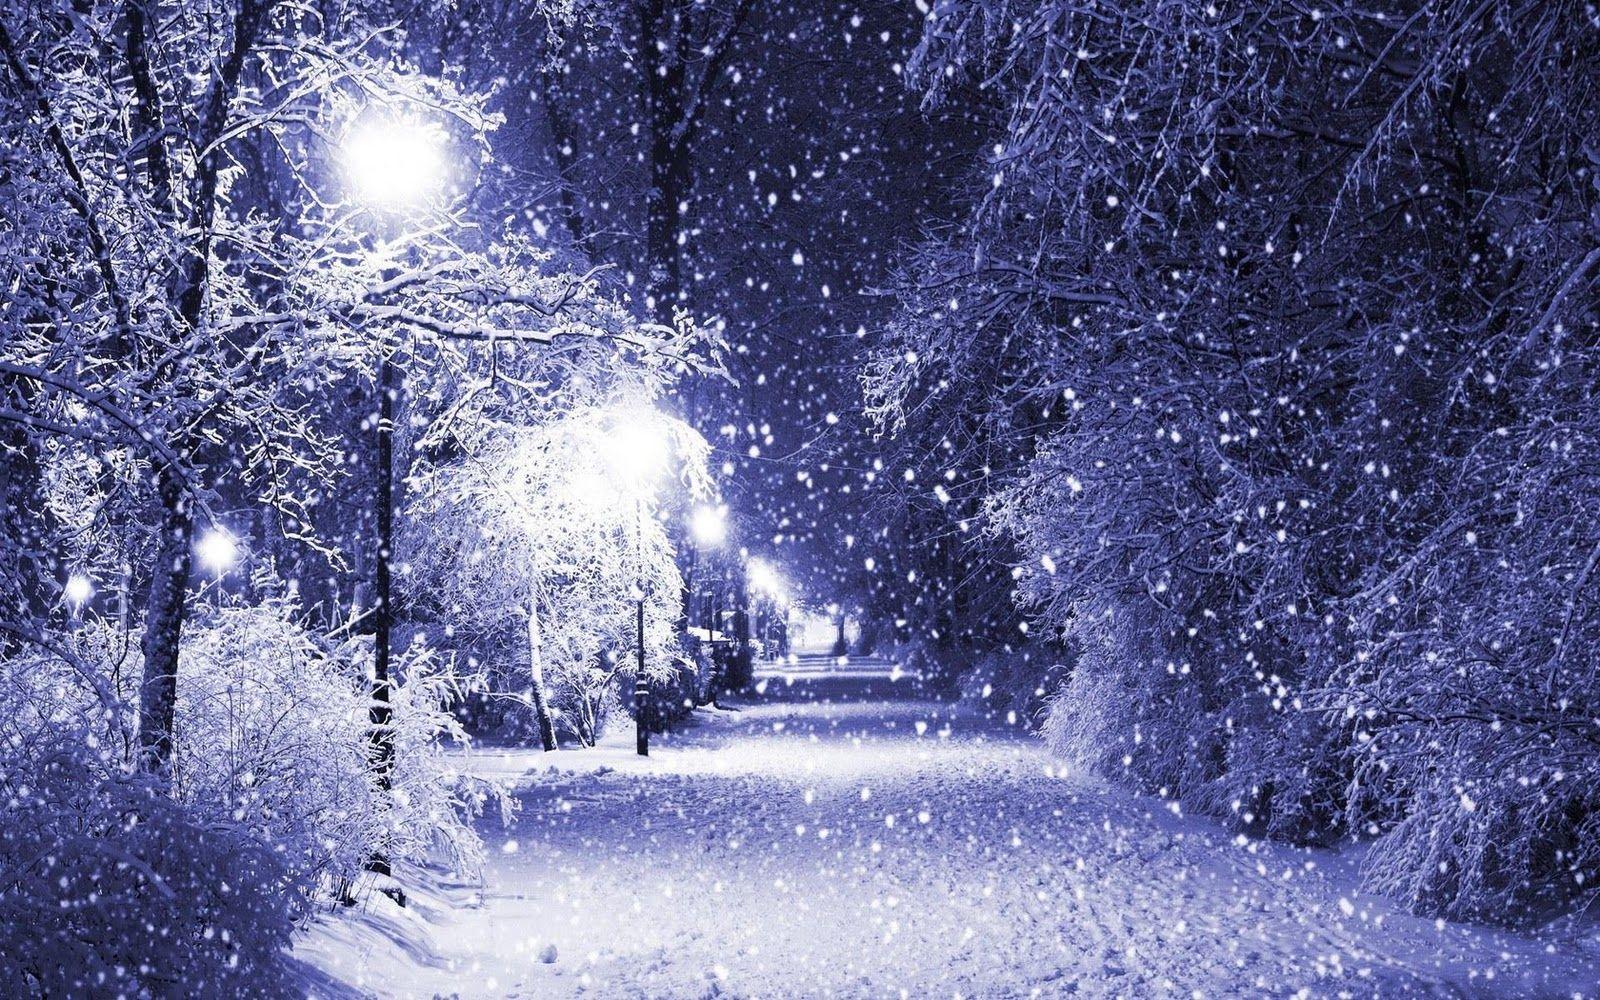 Winter Scenes Wallpapers   Top Winter Scenes Backgrounds 1600x1000